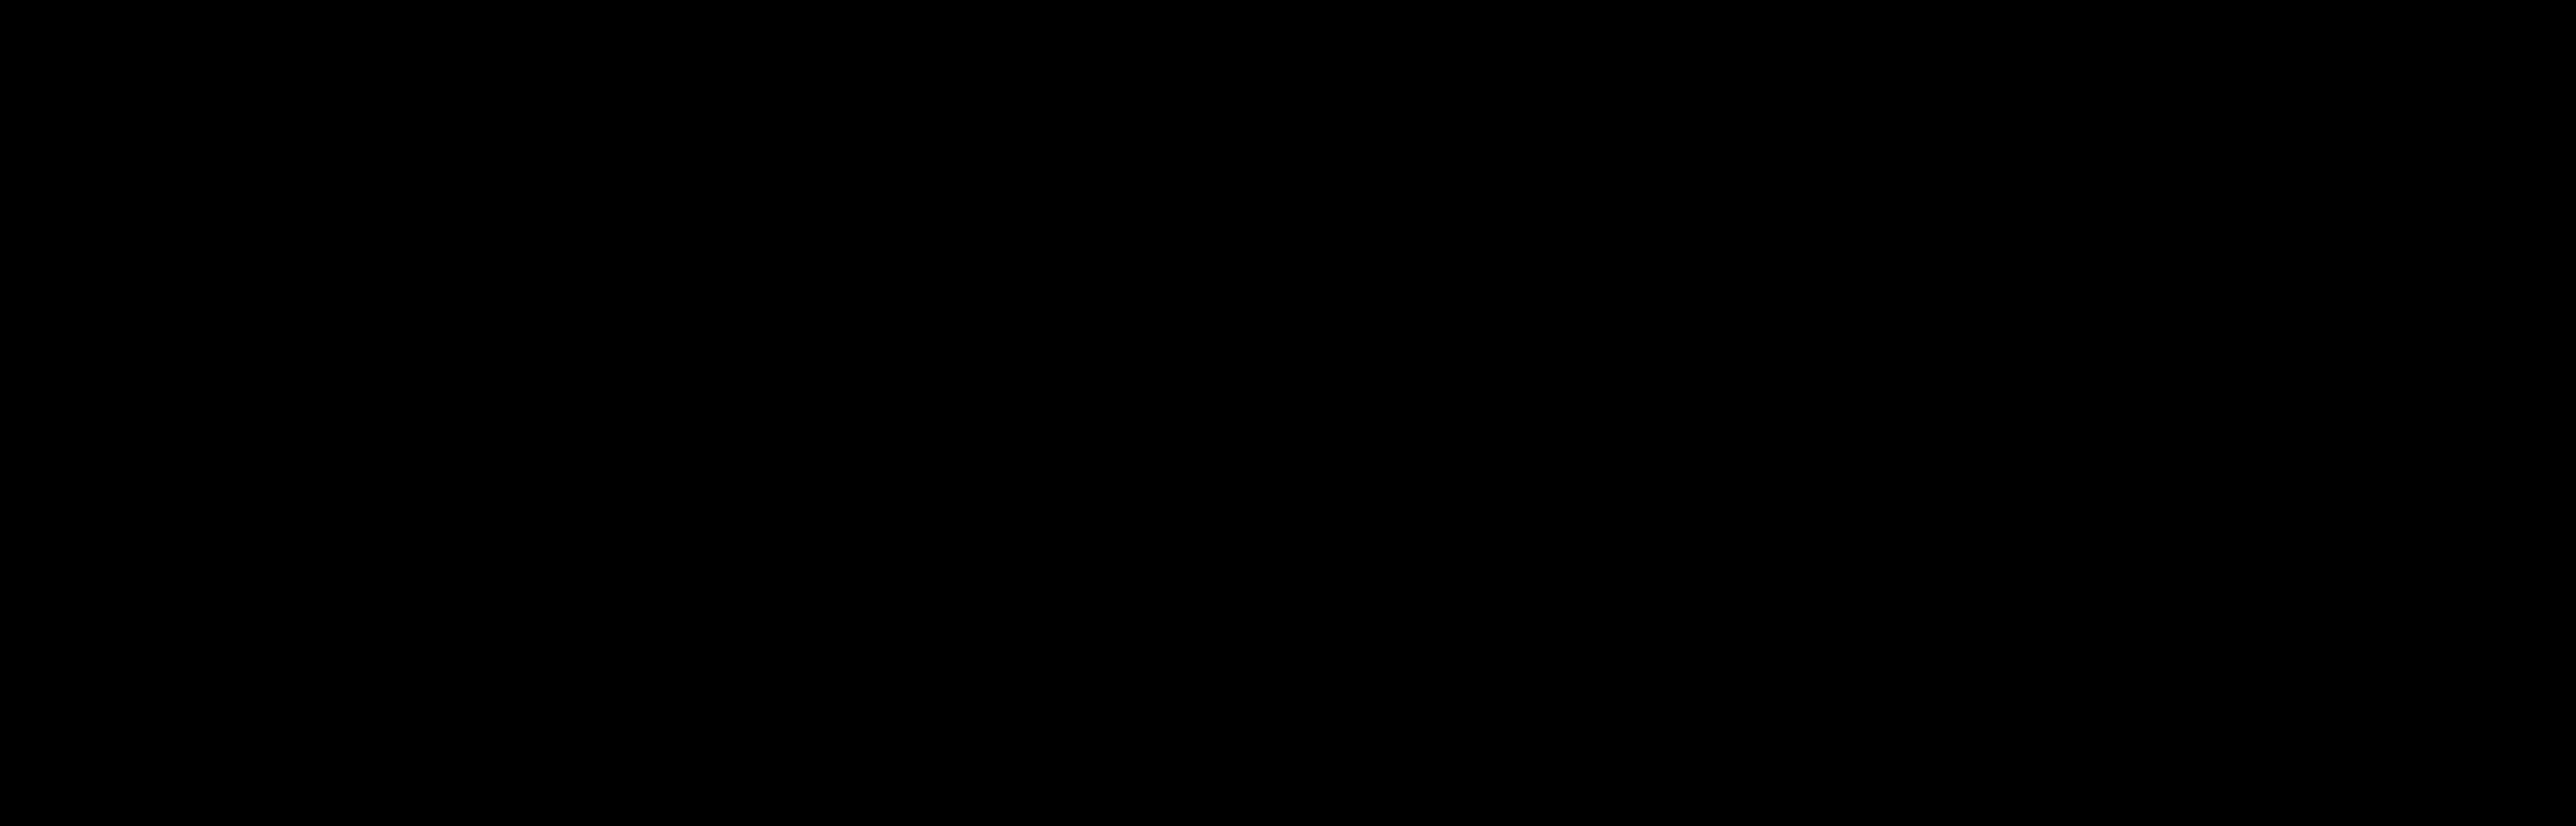 Seiko logo.